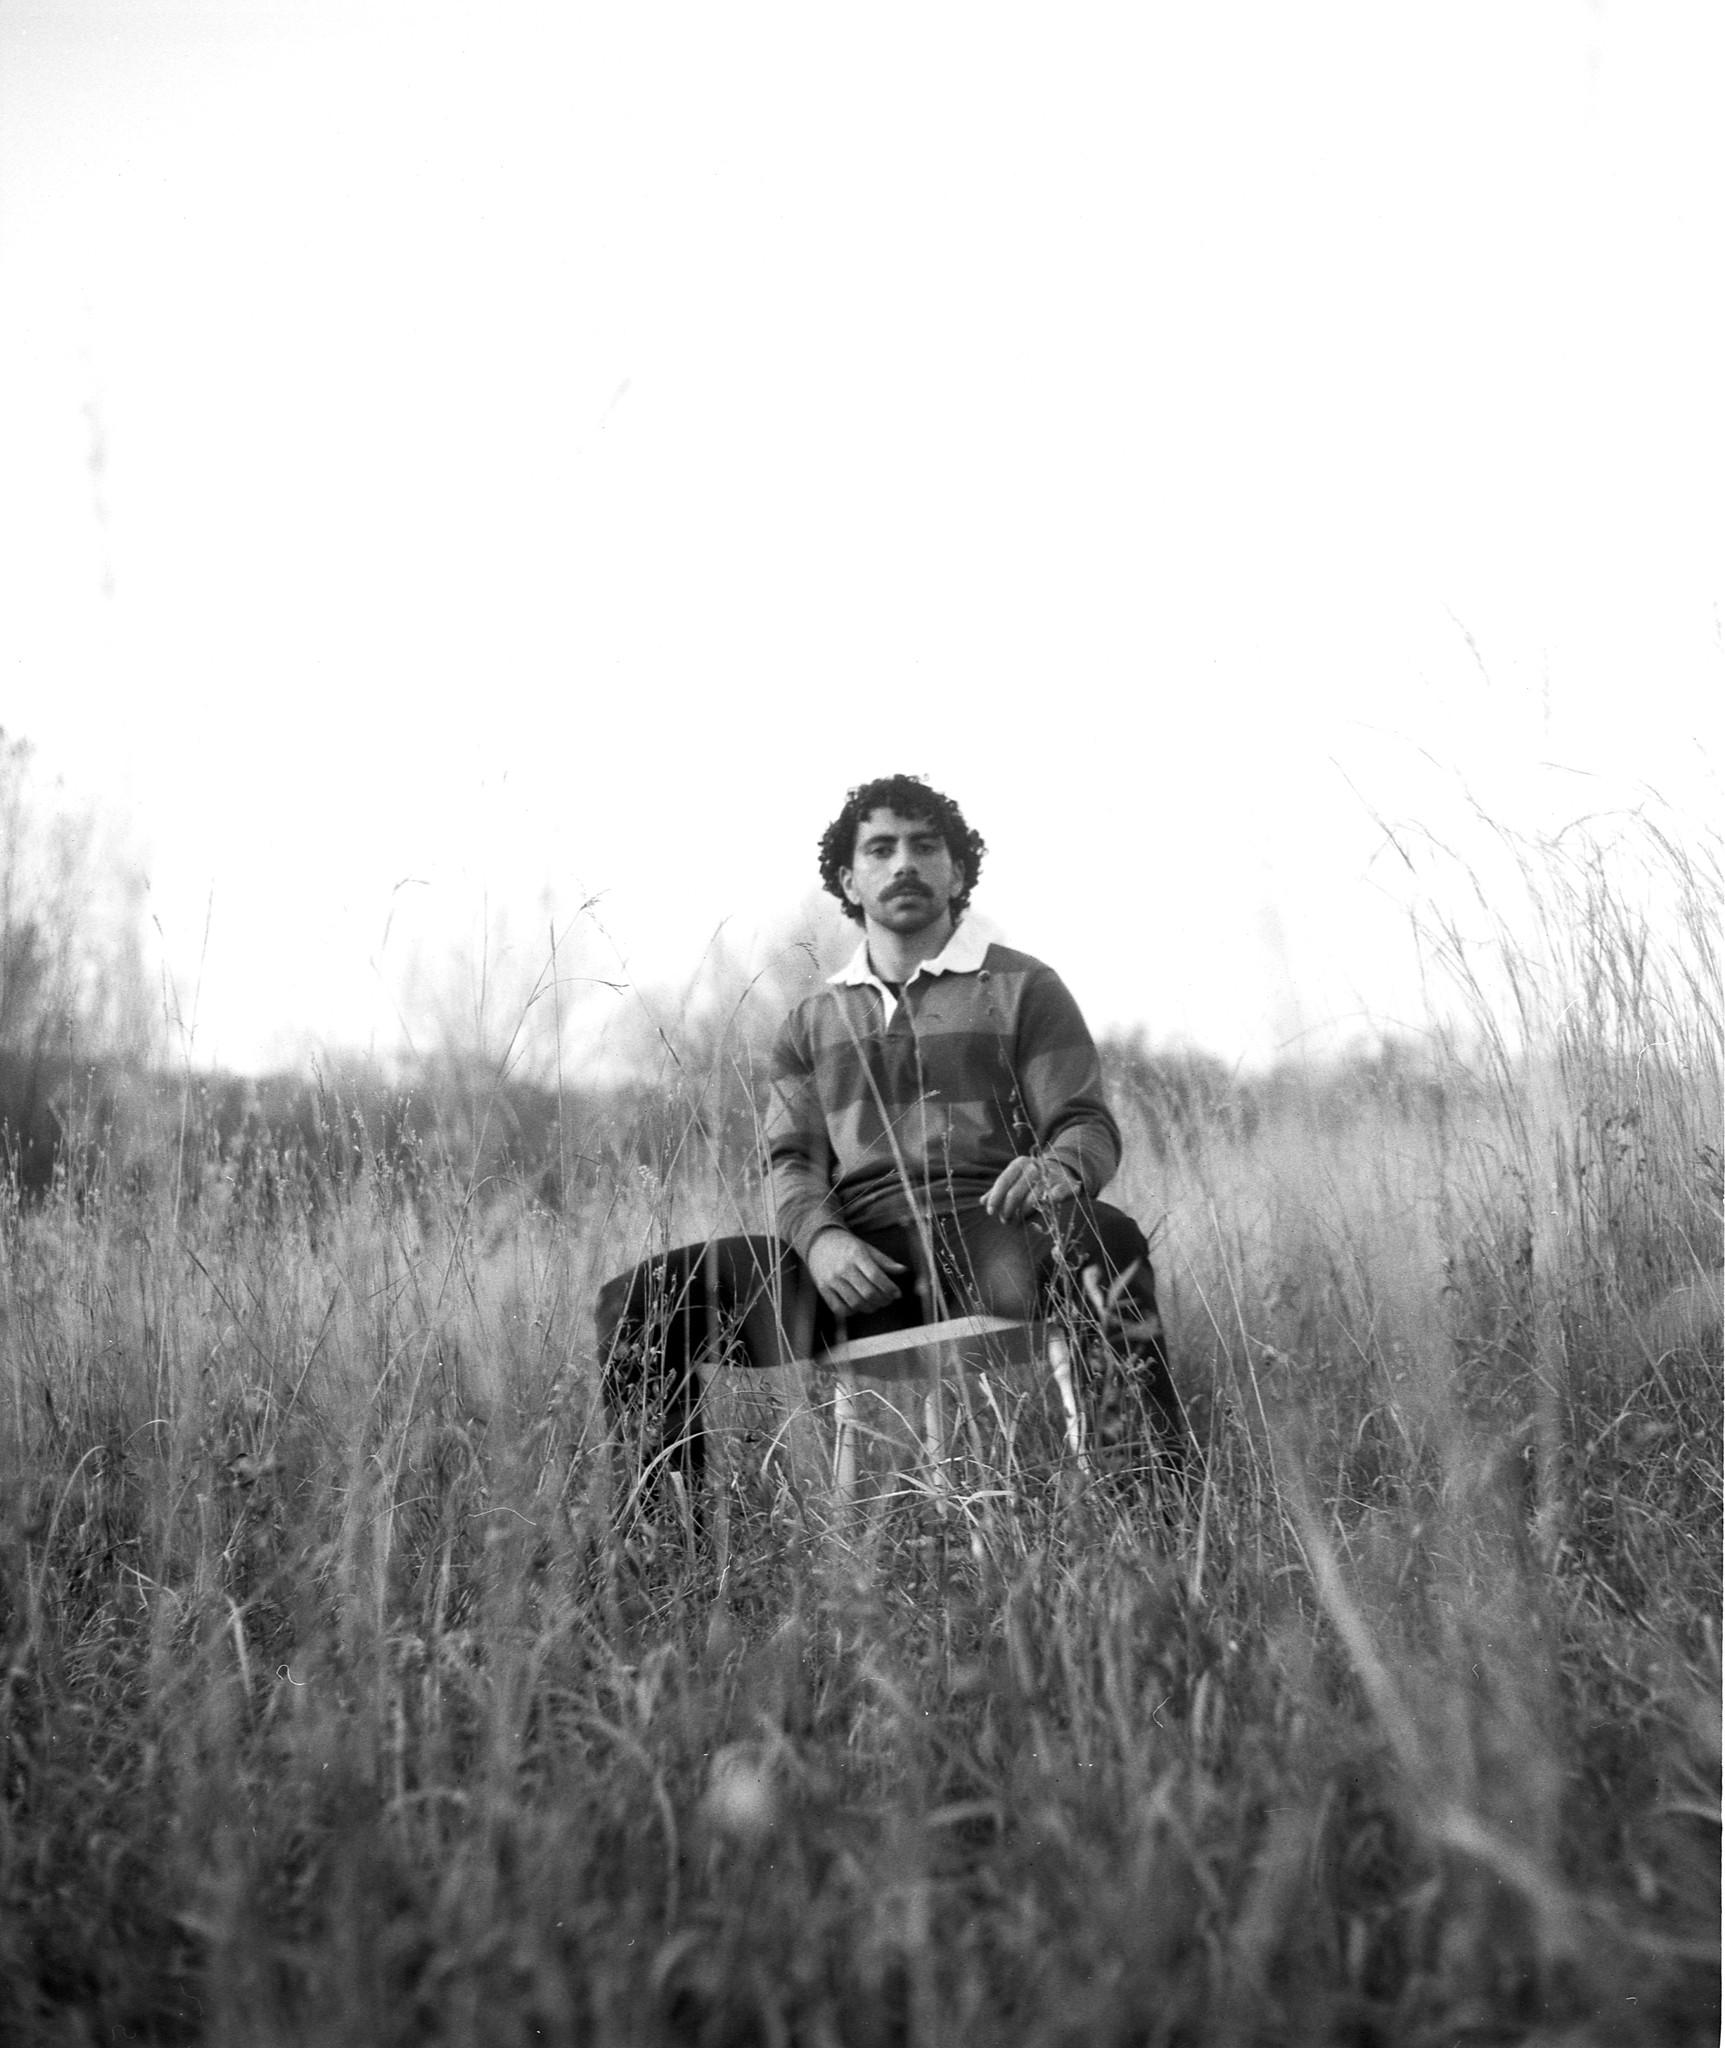 Amir Portraits [Kiev 60 / Arissta EDU 200]